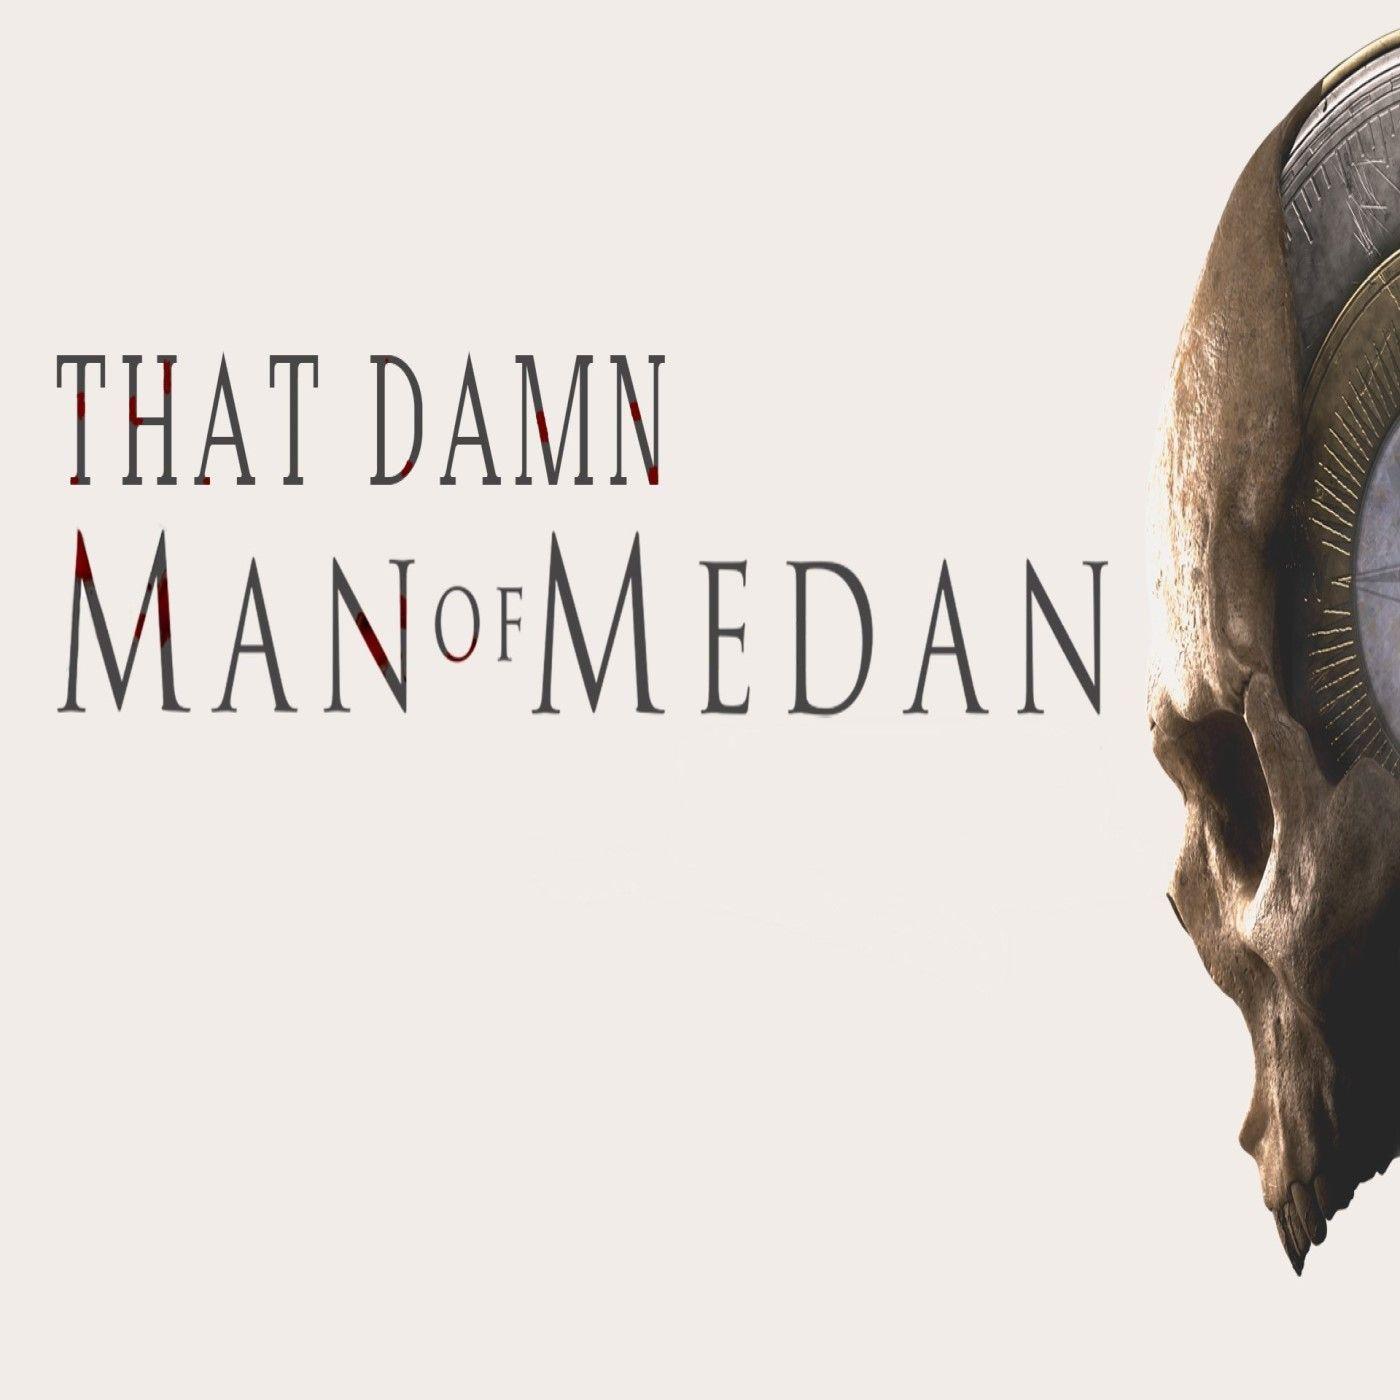 Episode 214 - That Damn Man of Medan